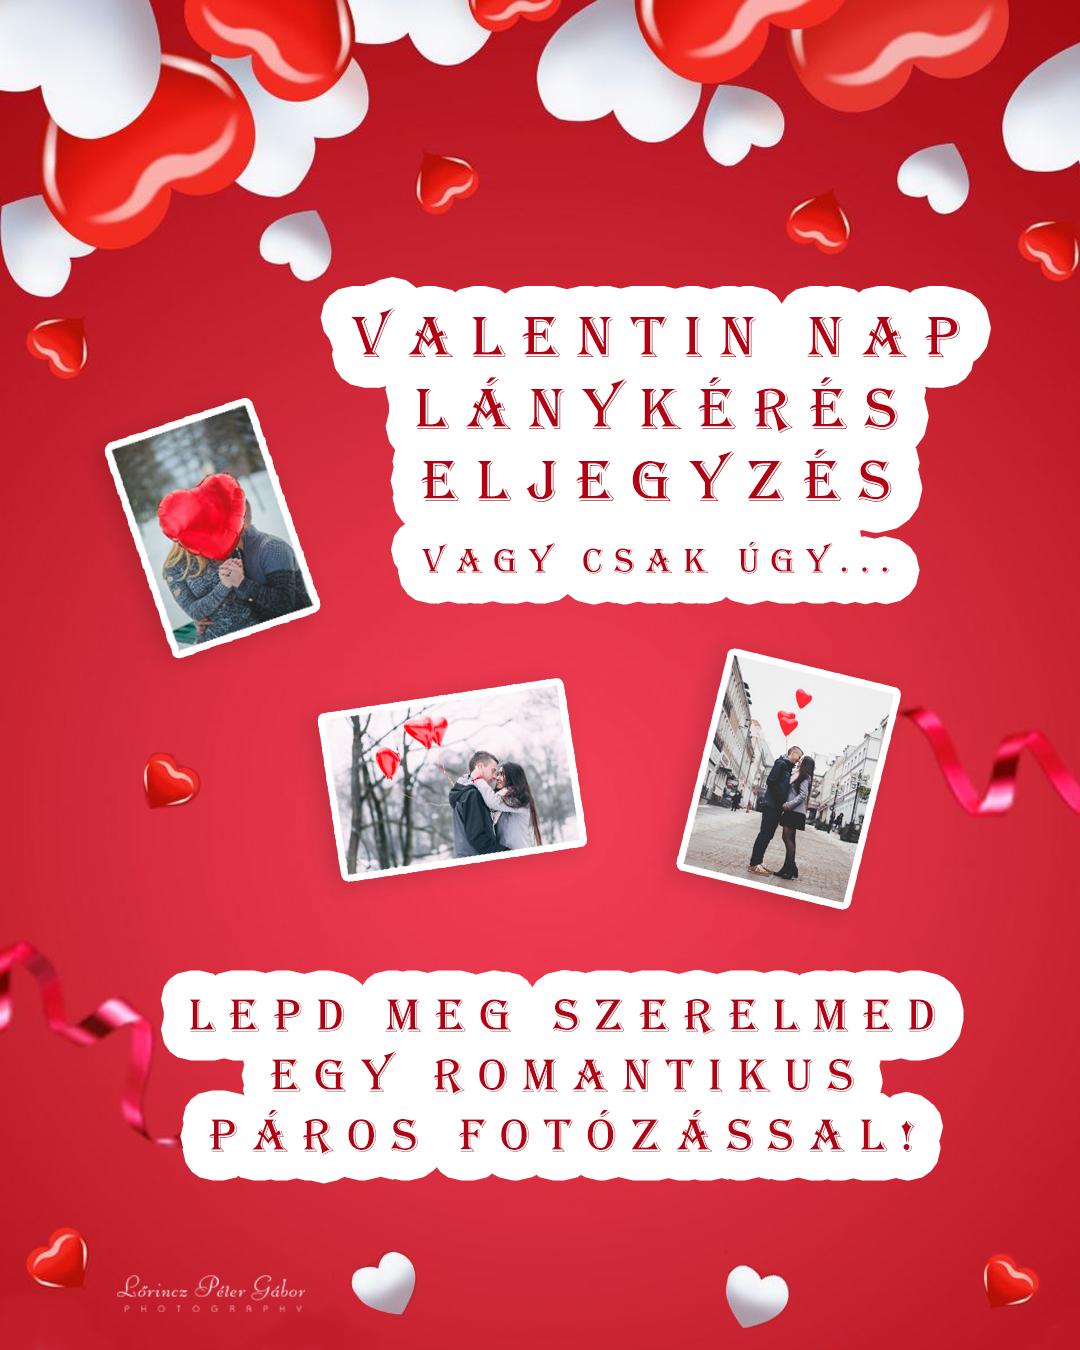 Valentin nap, lánykérés, eljegyzés. Lepd meg SZERELMED egy romantikus páros fotózással!